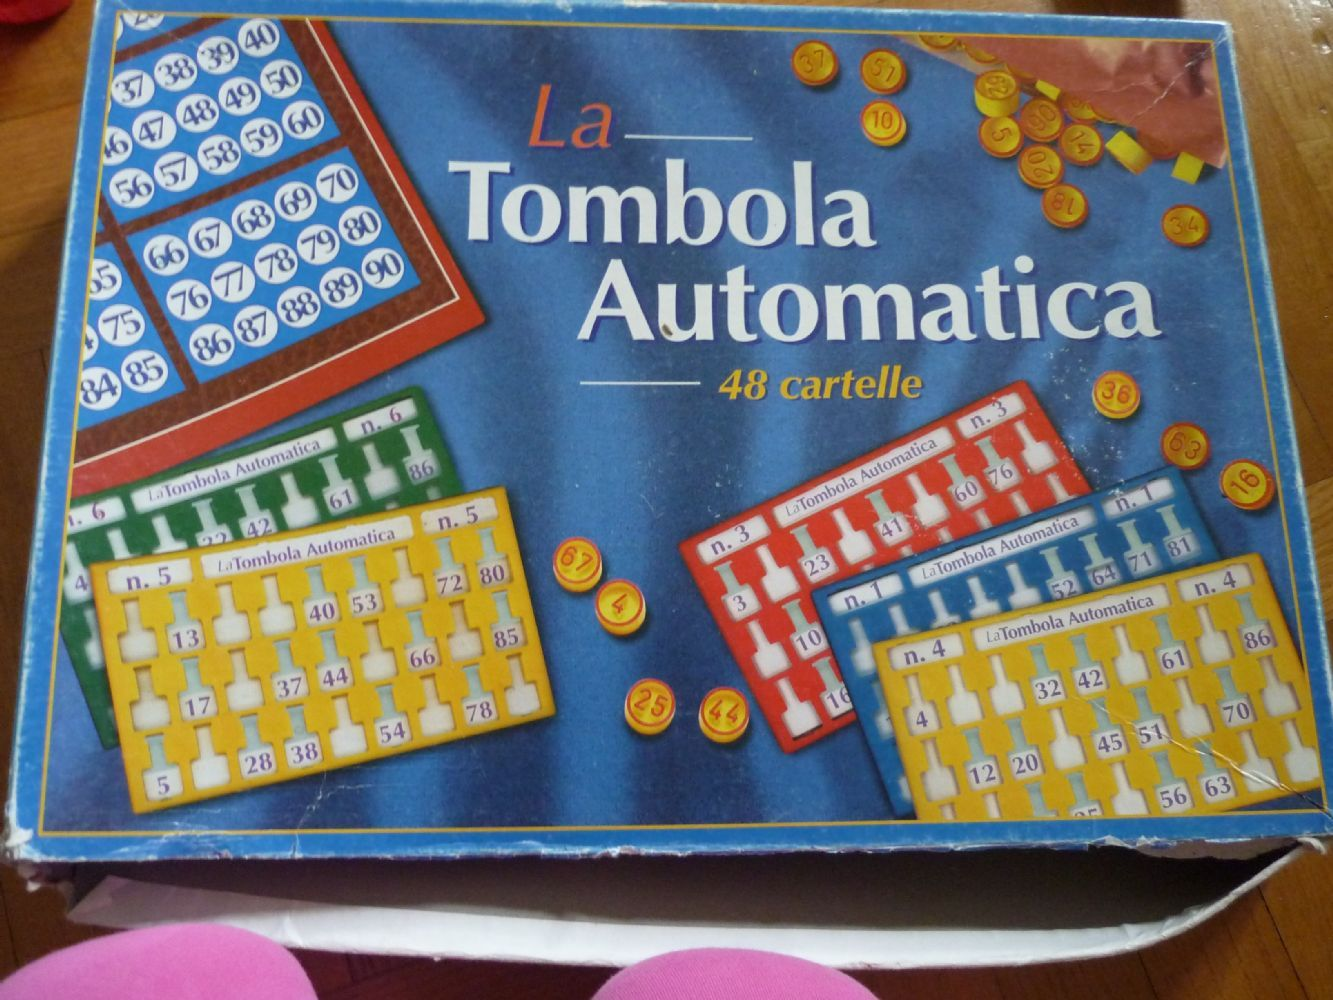 Baratto scambio la tombola bimbi giocattoli e giochi di for Cartelle tombola per anziani